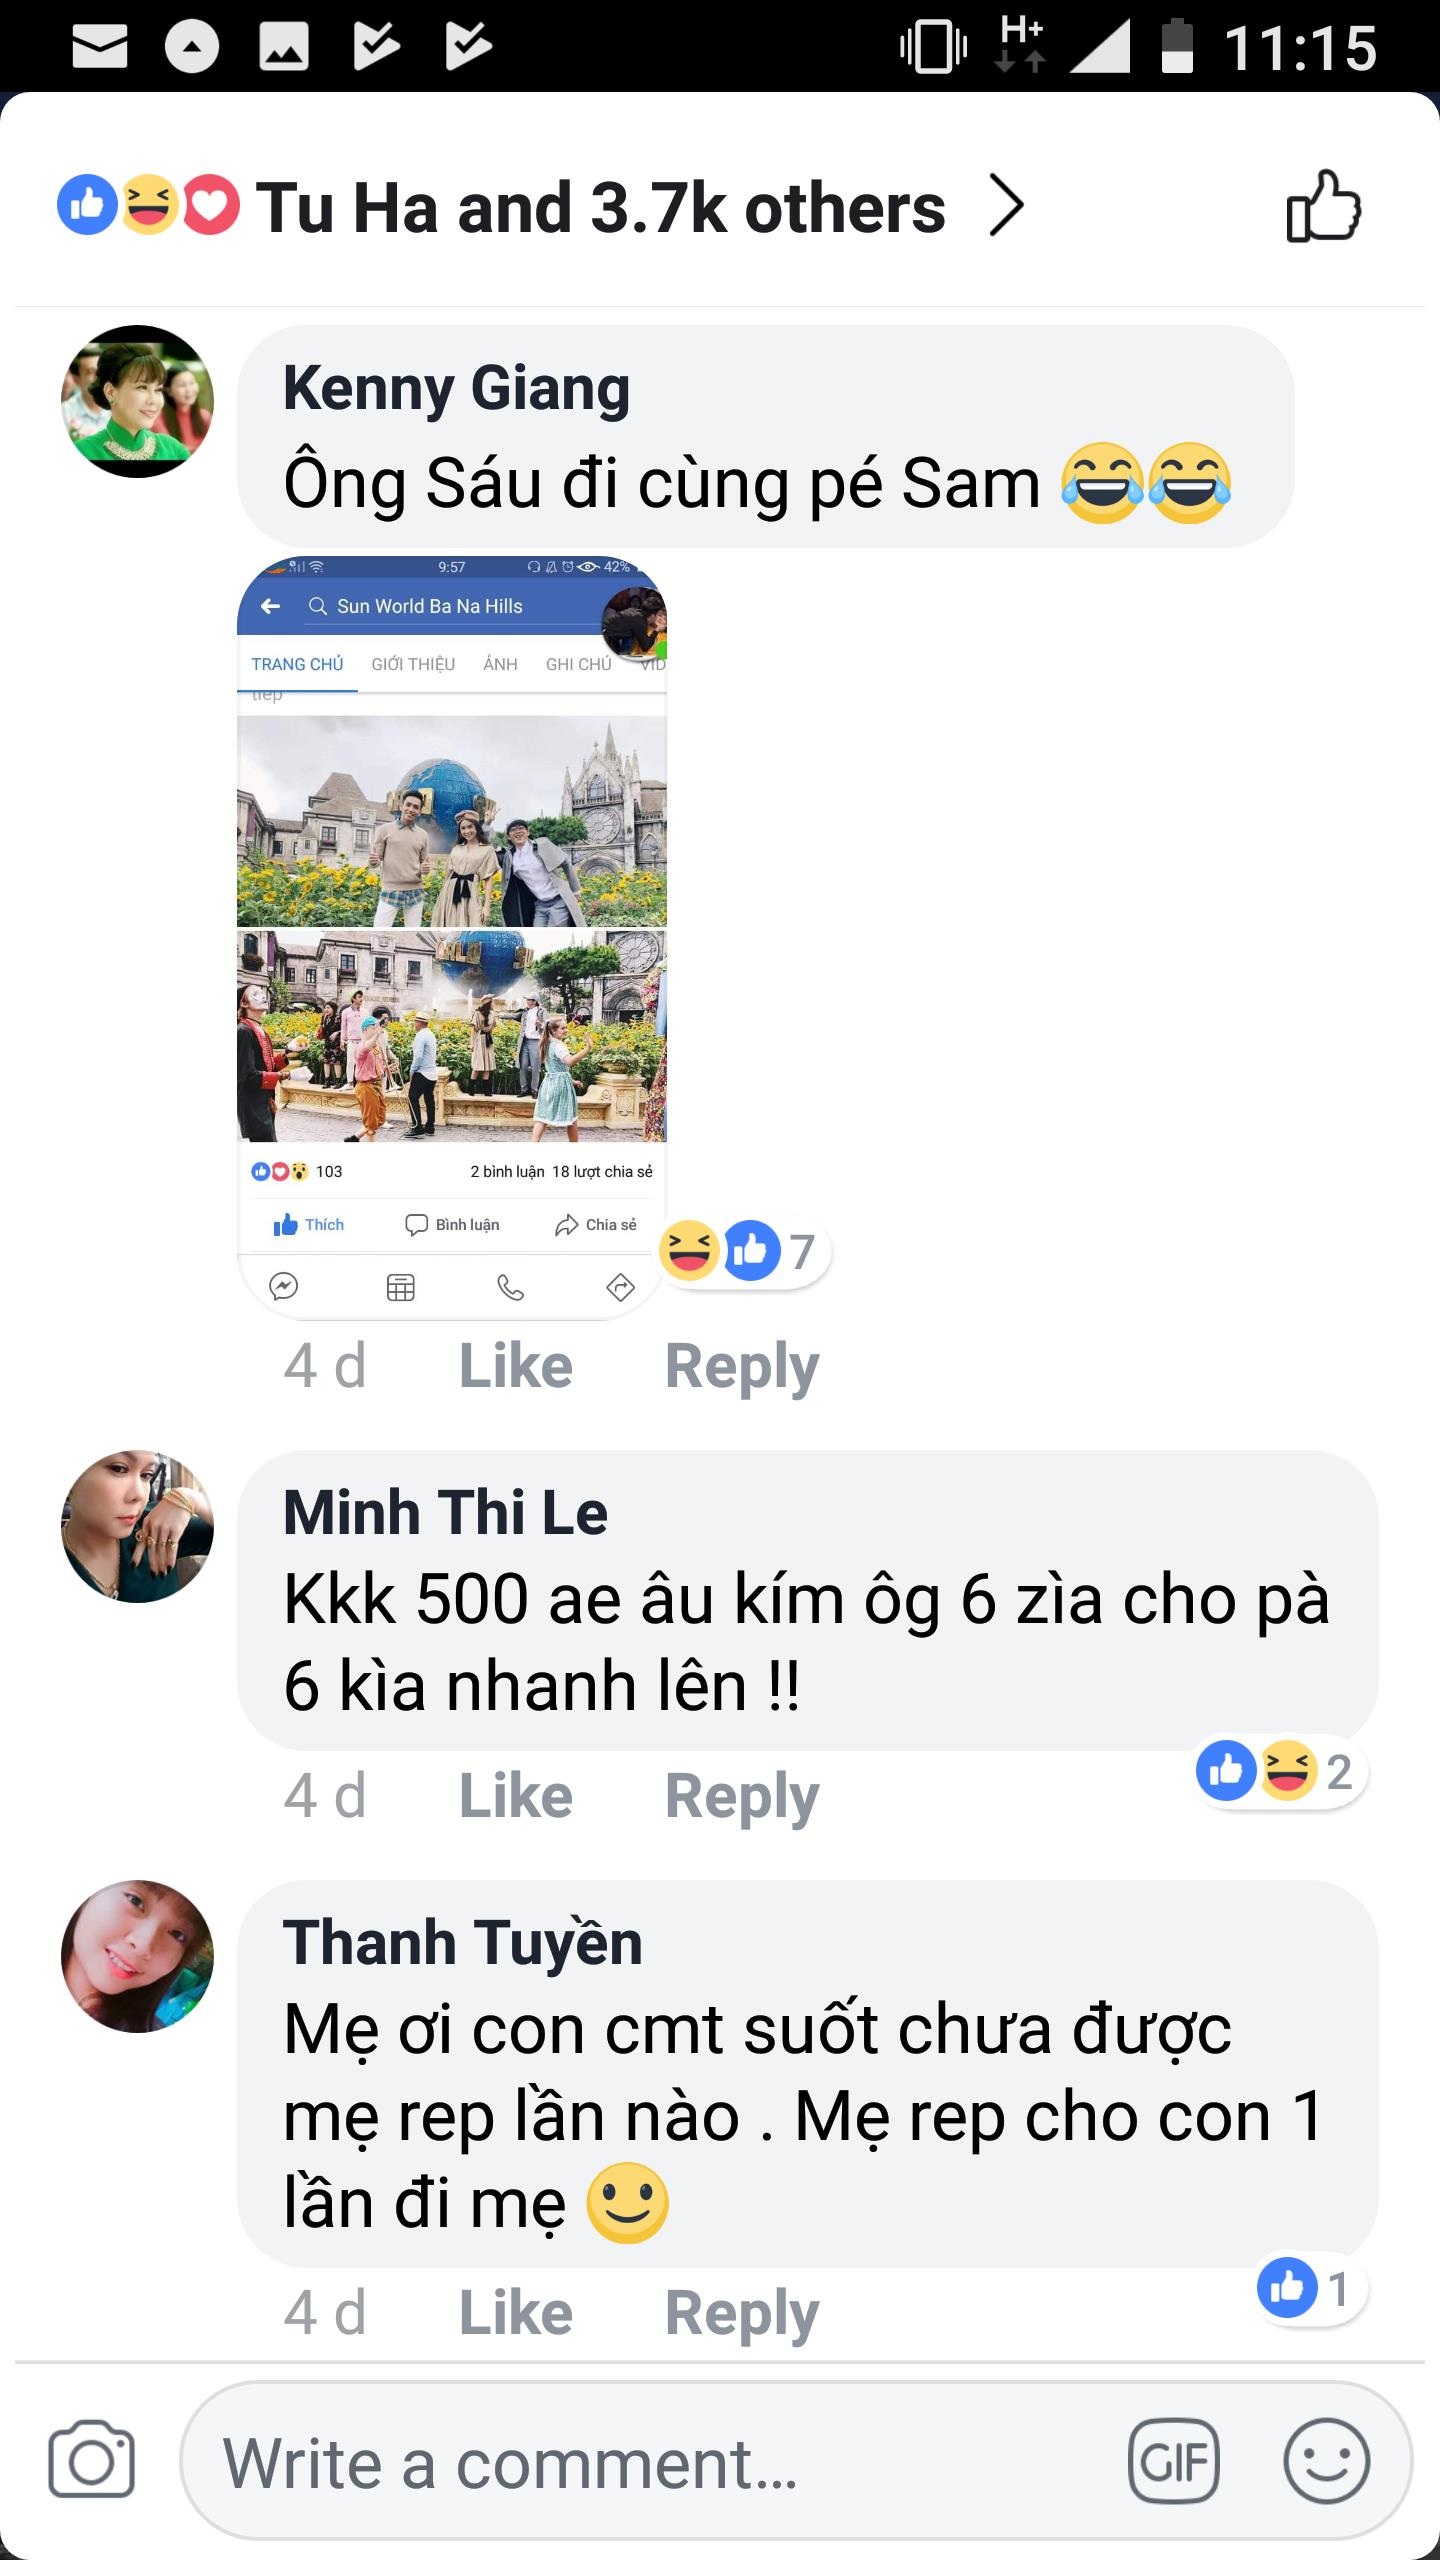 Giữa tâm bão #timnguoilac trên mạng xã hội, lộ tin Hoài Linh làm thám tử - Ảnh 6.